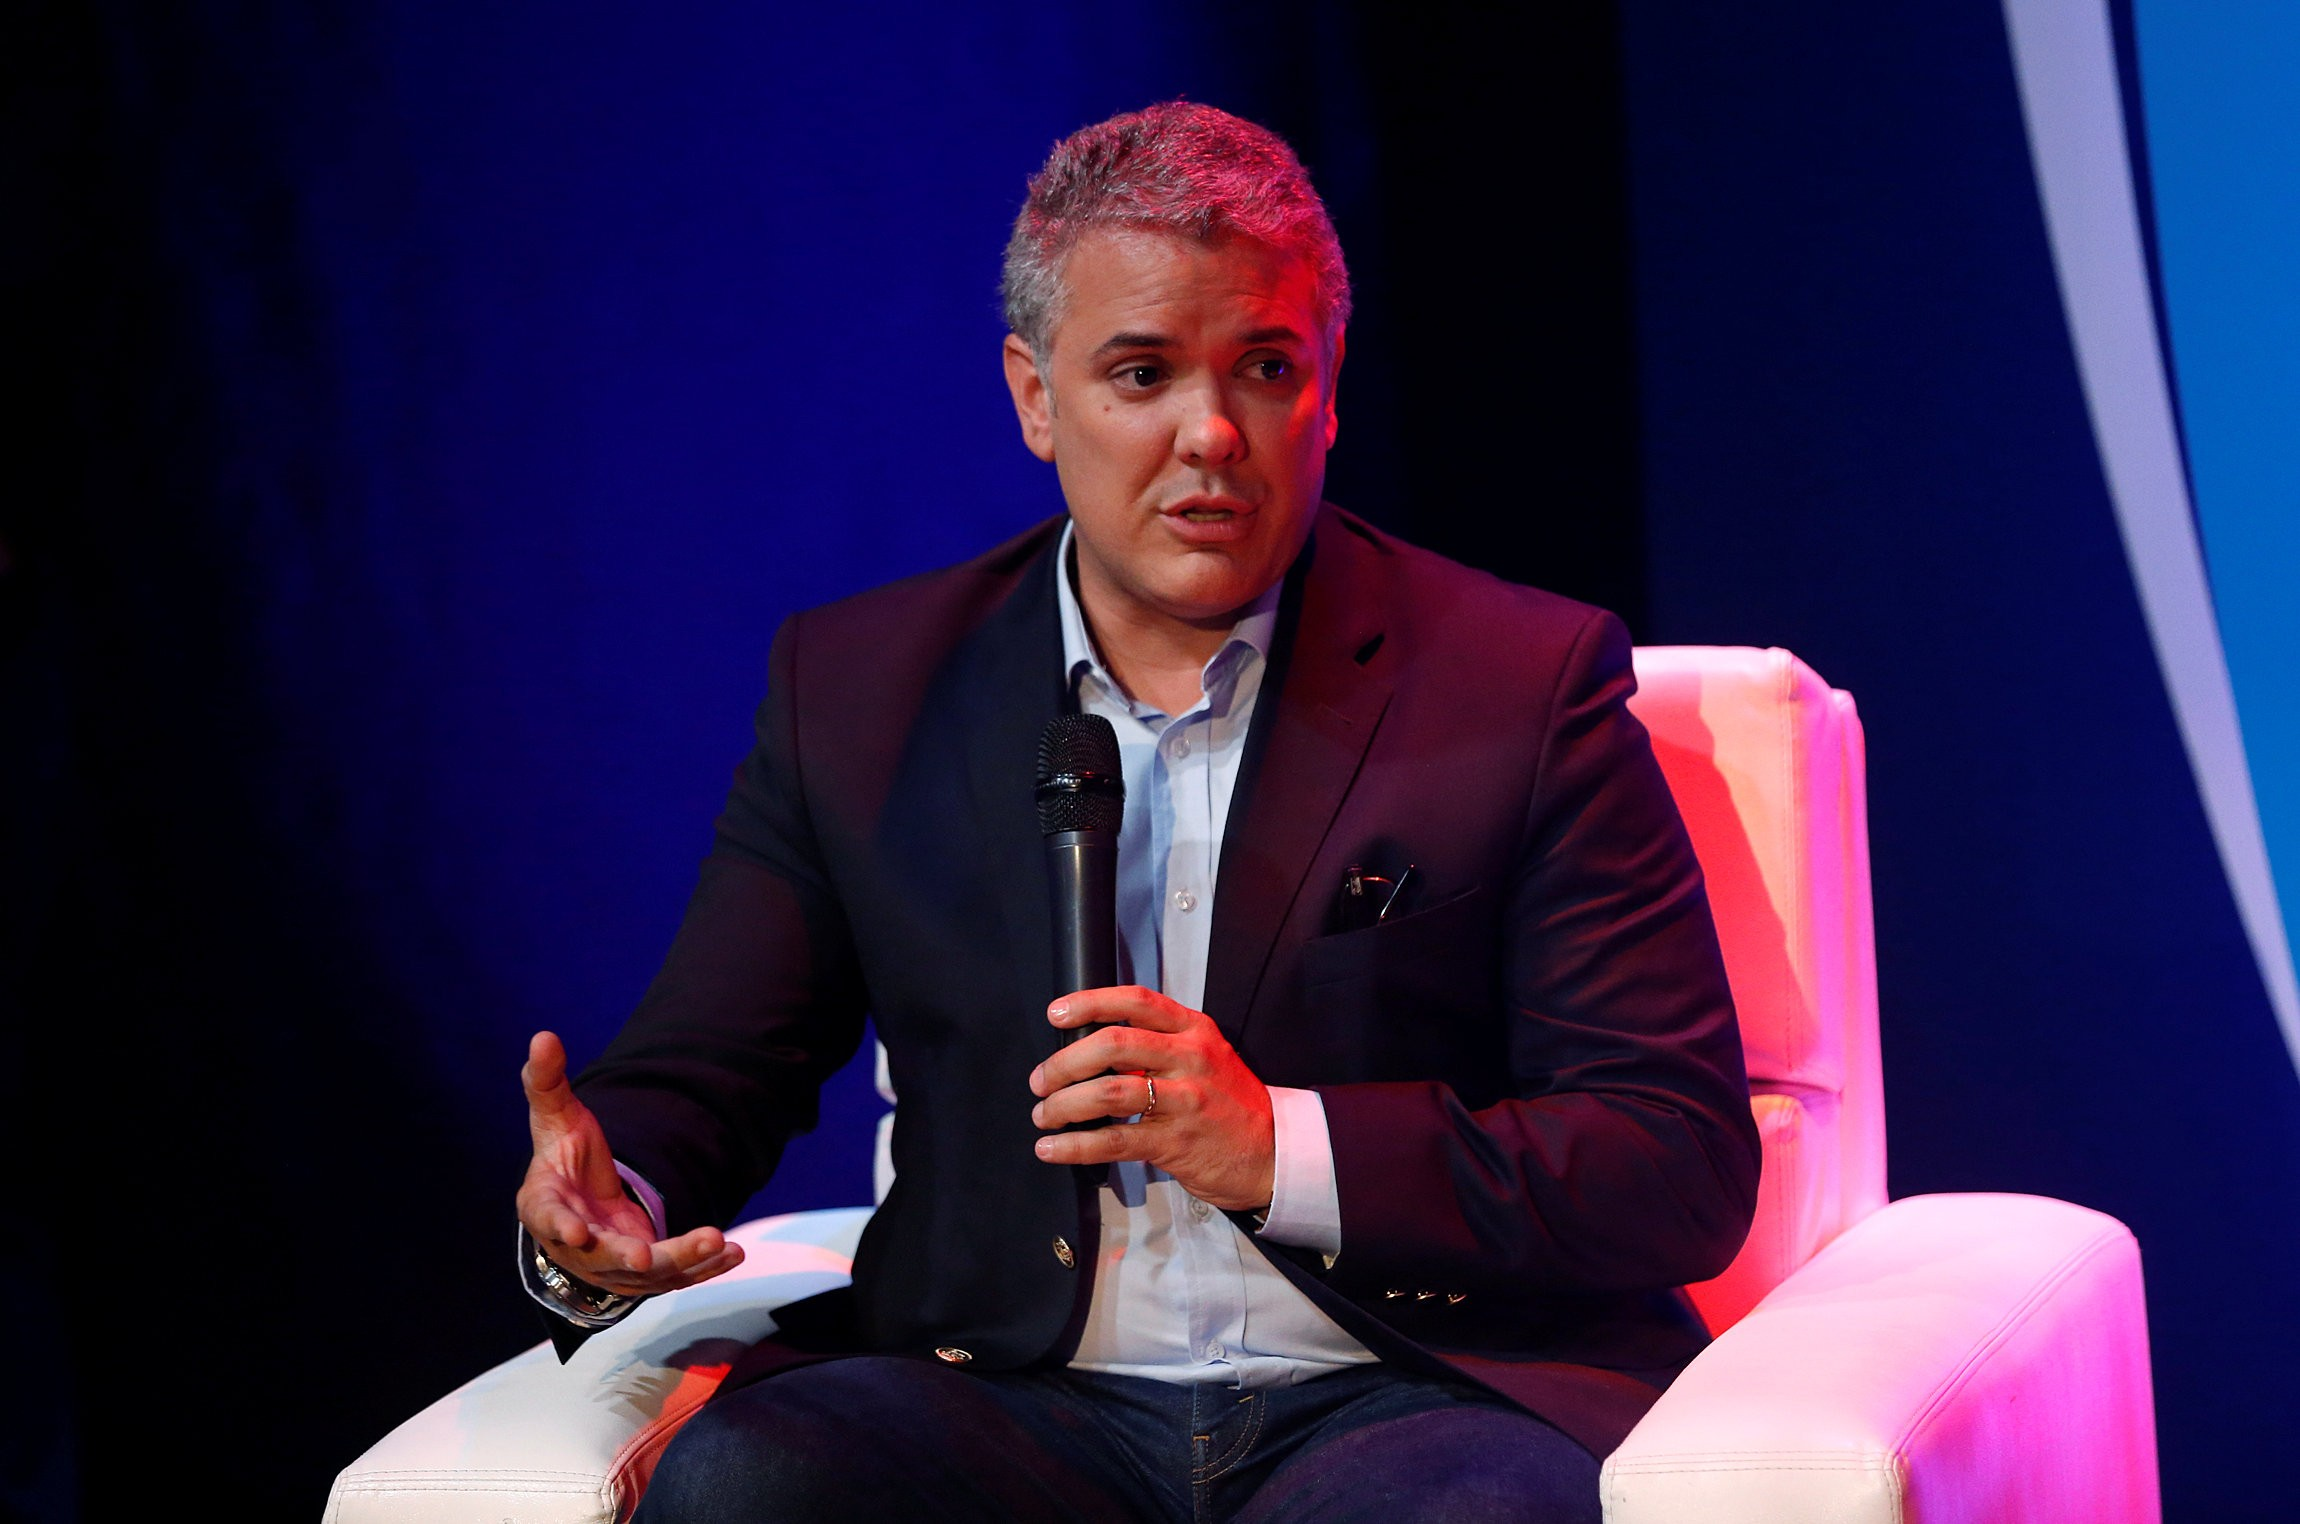 Iván Duque lidera pesquisas para eleições presidenciais da Colômbia